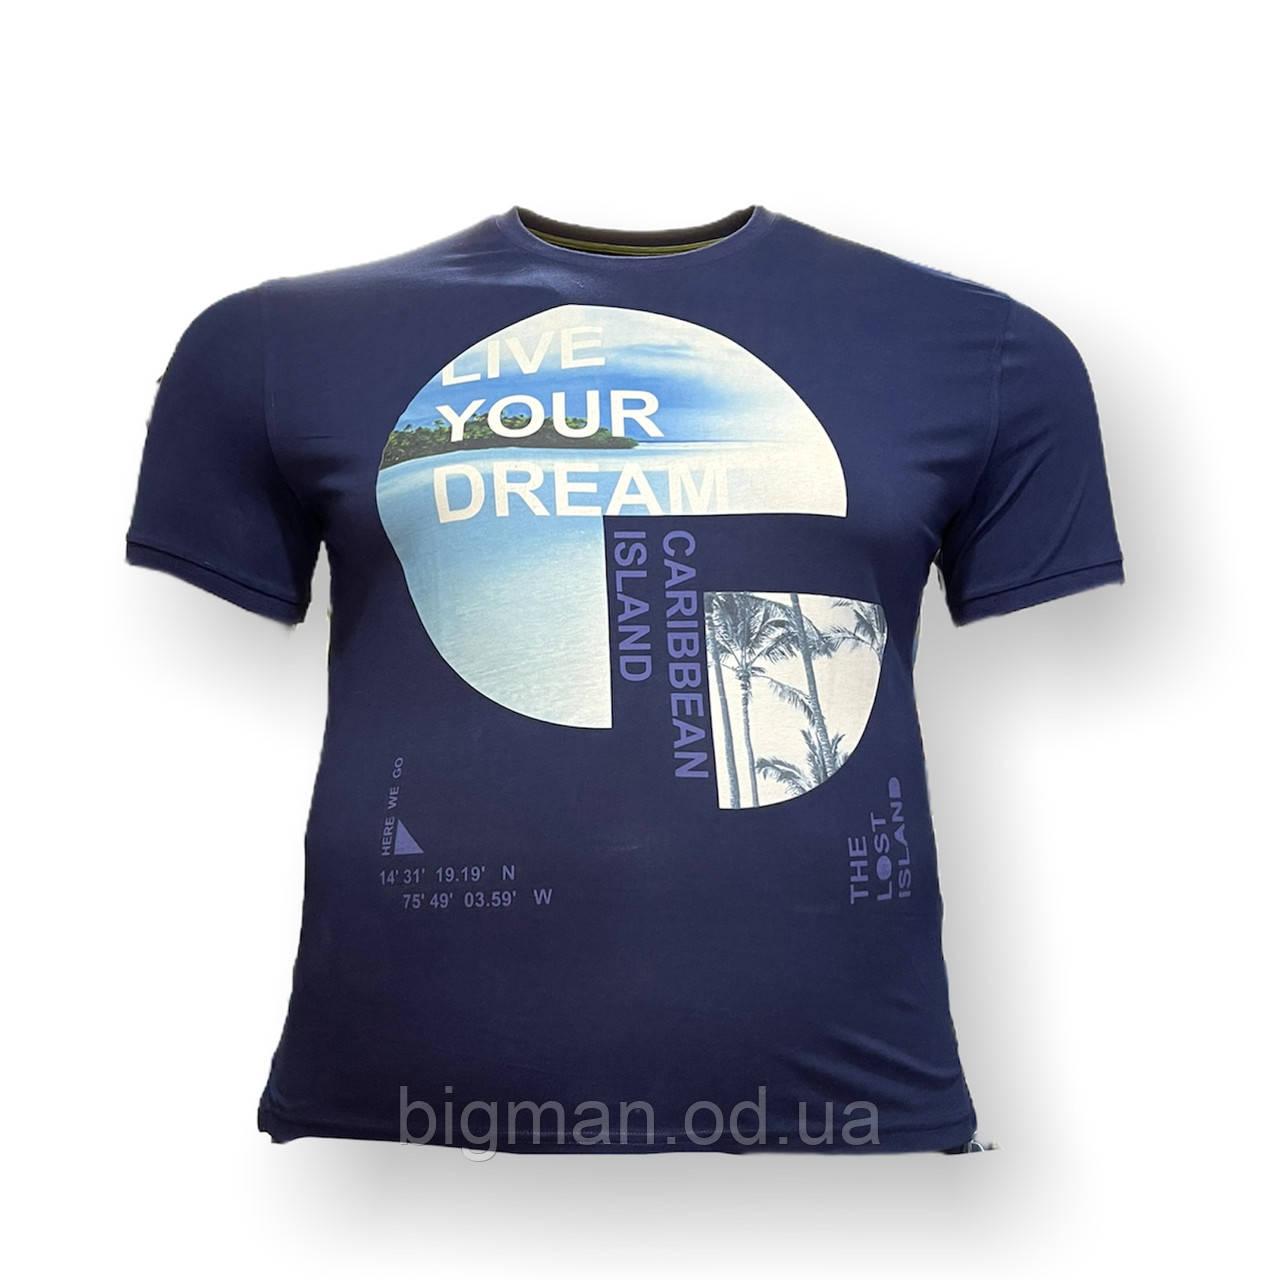 Мужская батальная футболка Grand la Vita 12114 3XL 4XL 5XL 6XL 7XL темно-синяя большие размеры Турция